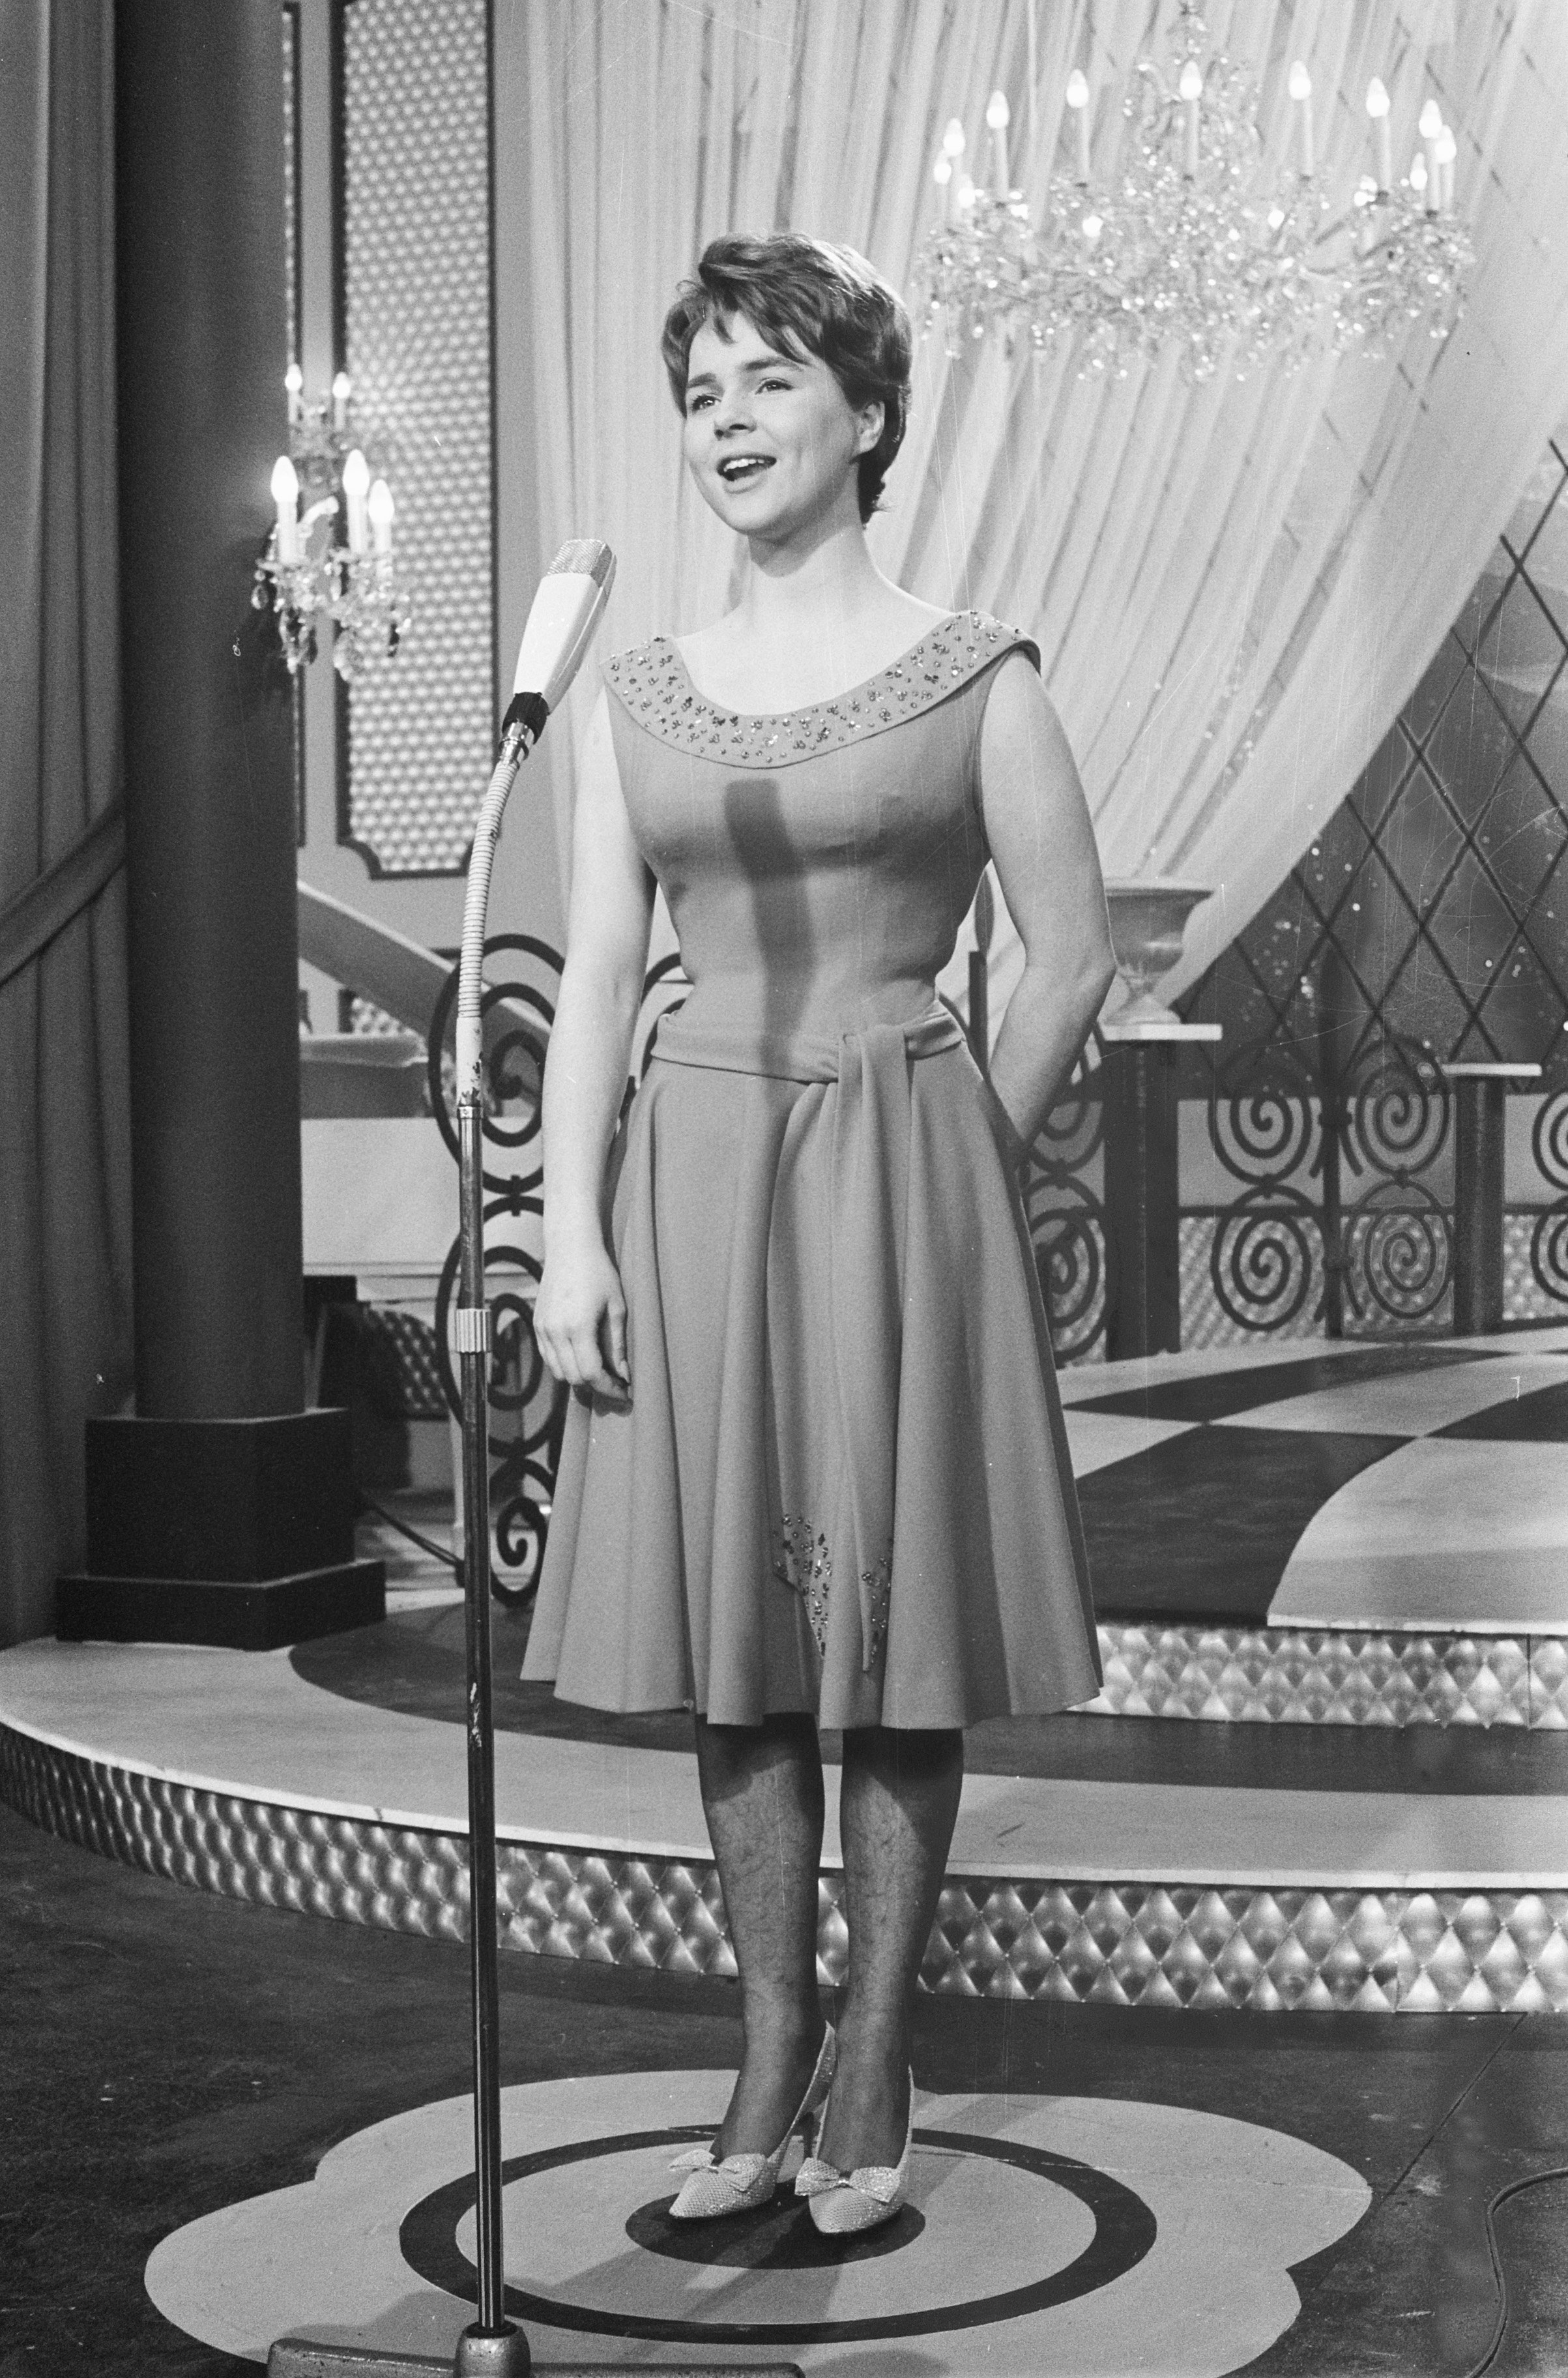 Conny Froboess Bilder file:eurovisie songfestival 1962 te luxemburg, voor